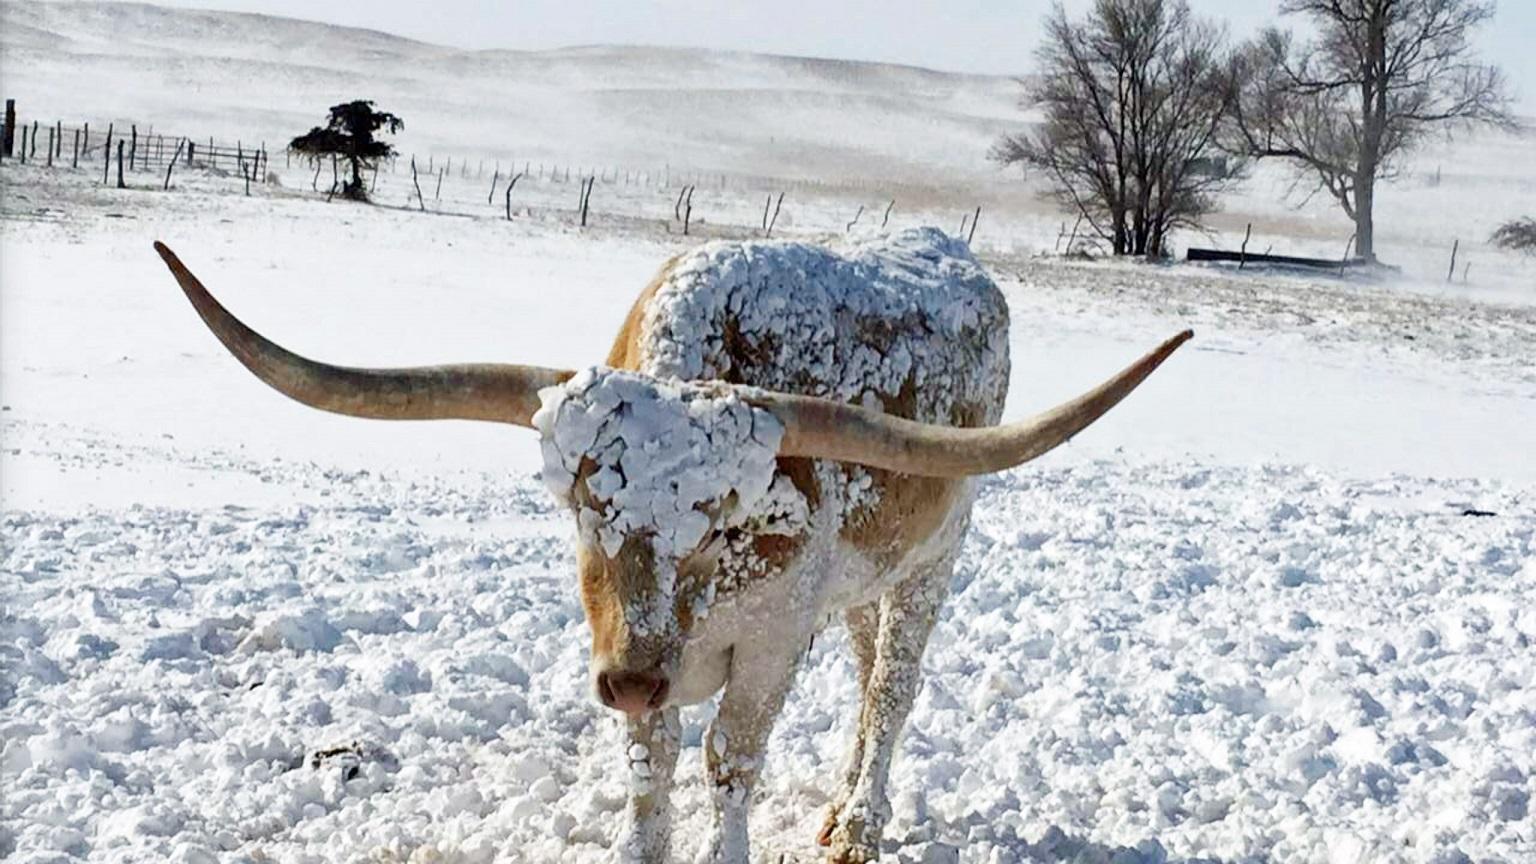 Cow in a snowy field